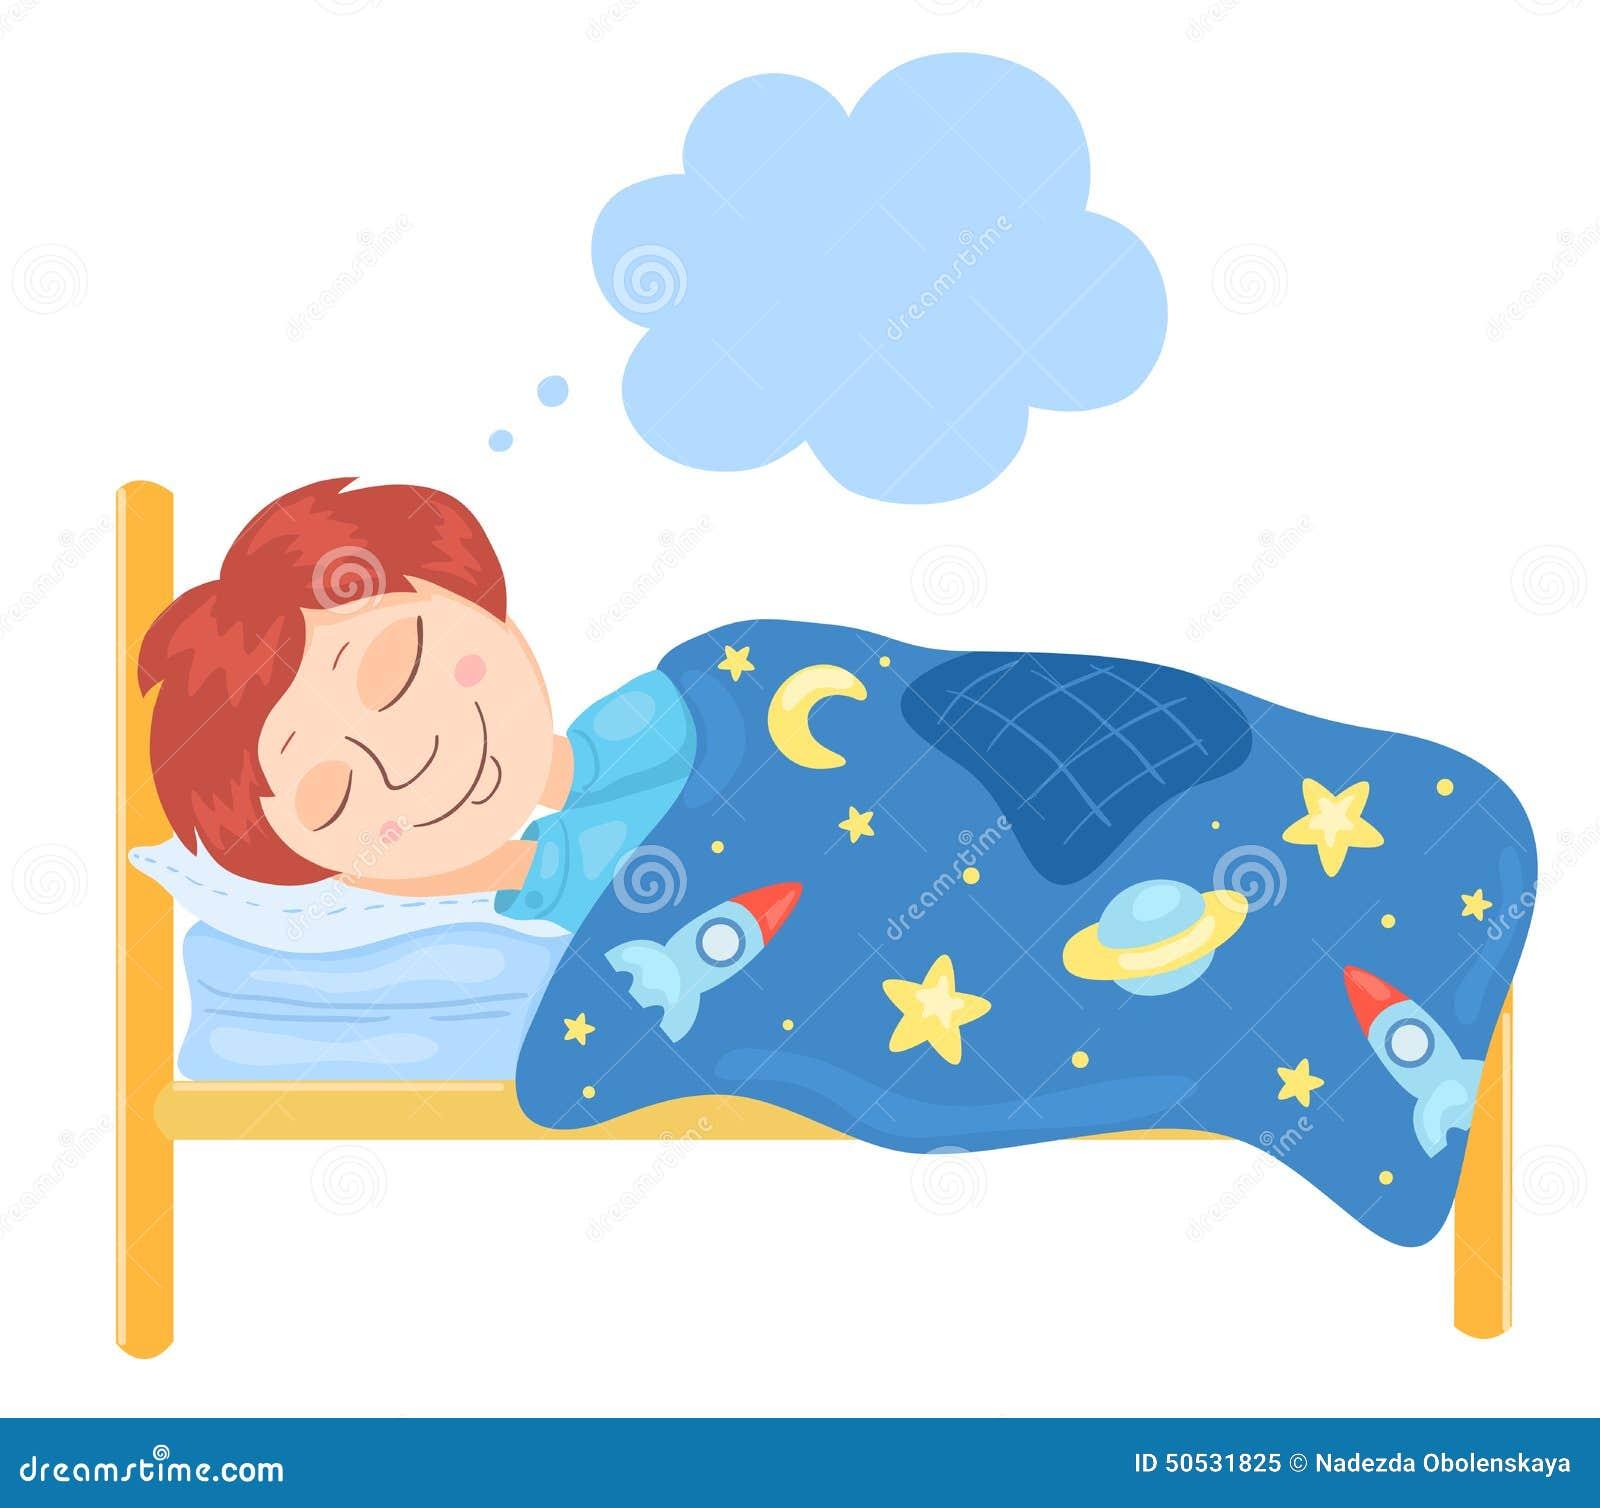 картинки как спит мальчик